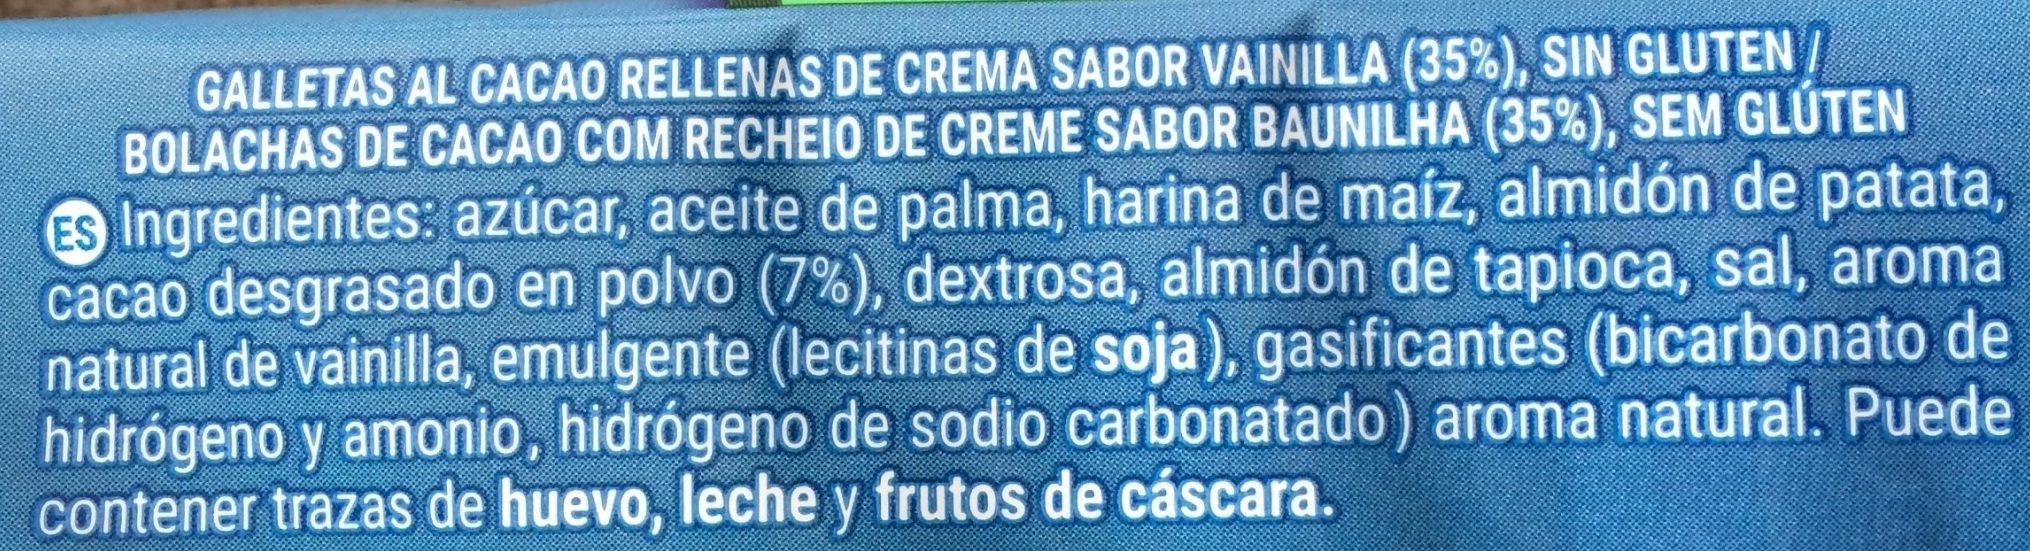 Oreo sin gluten - Ingredients - es